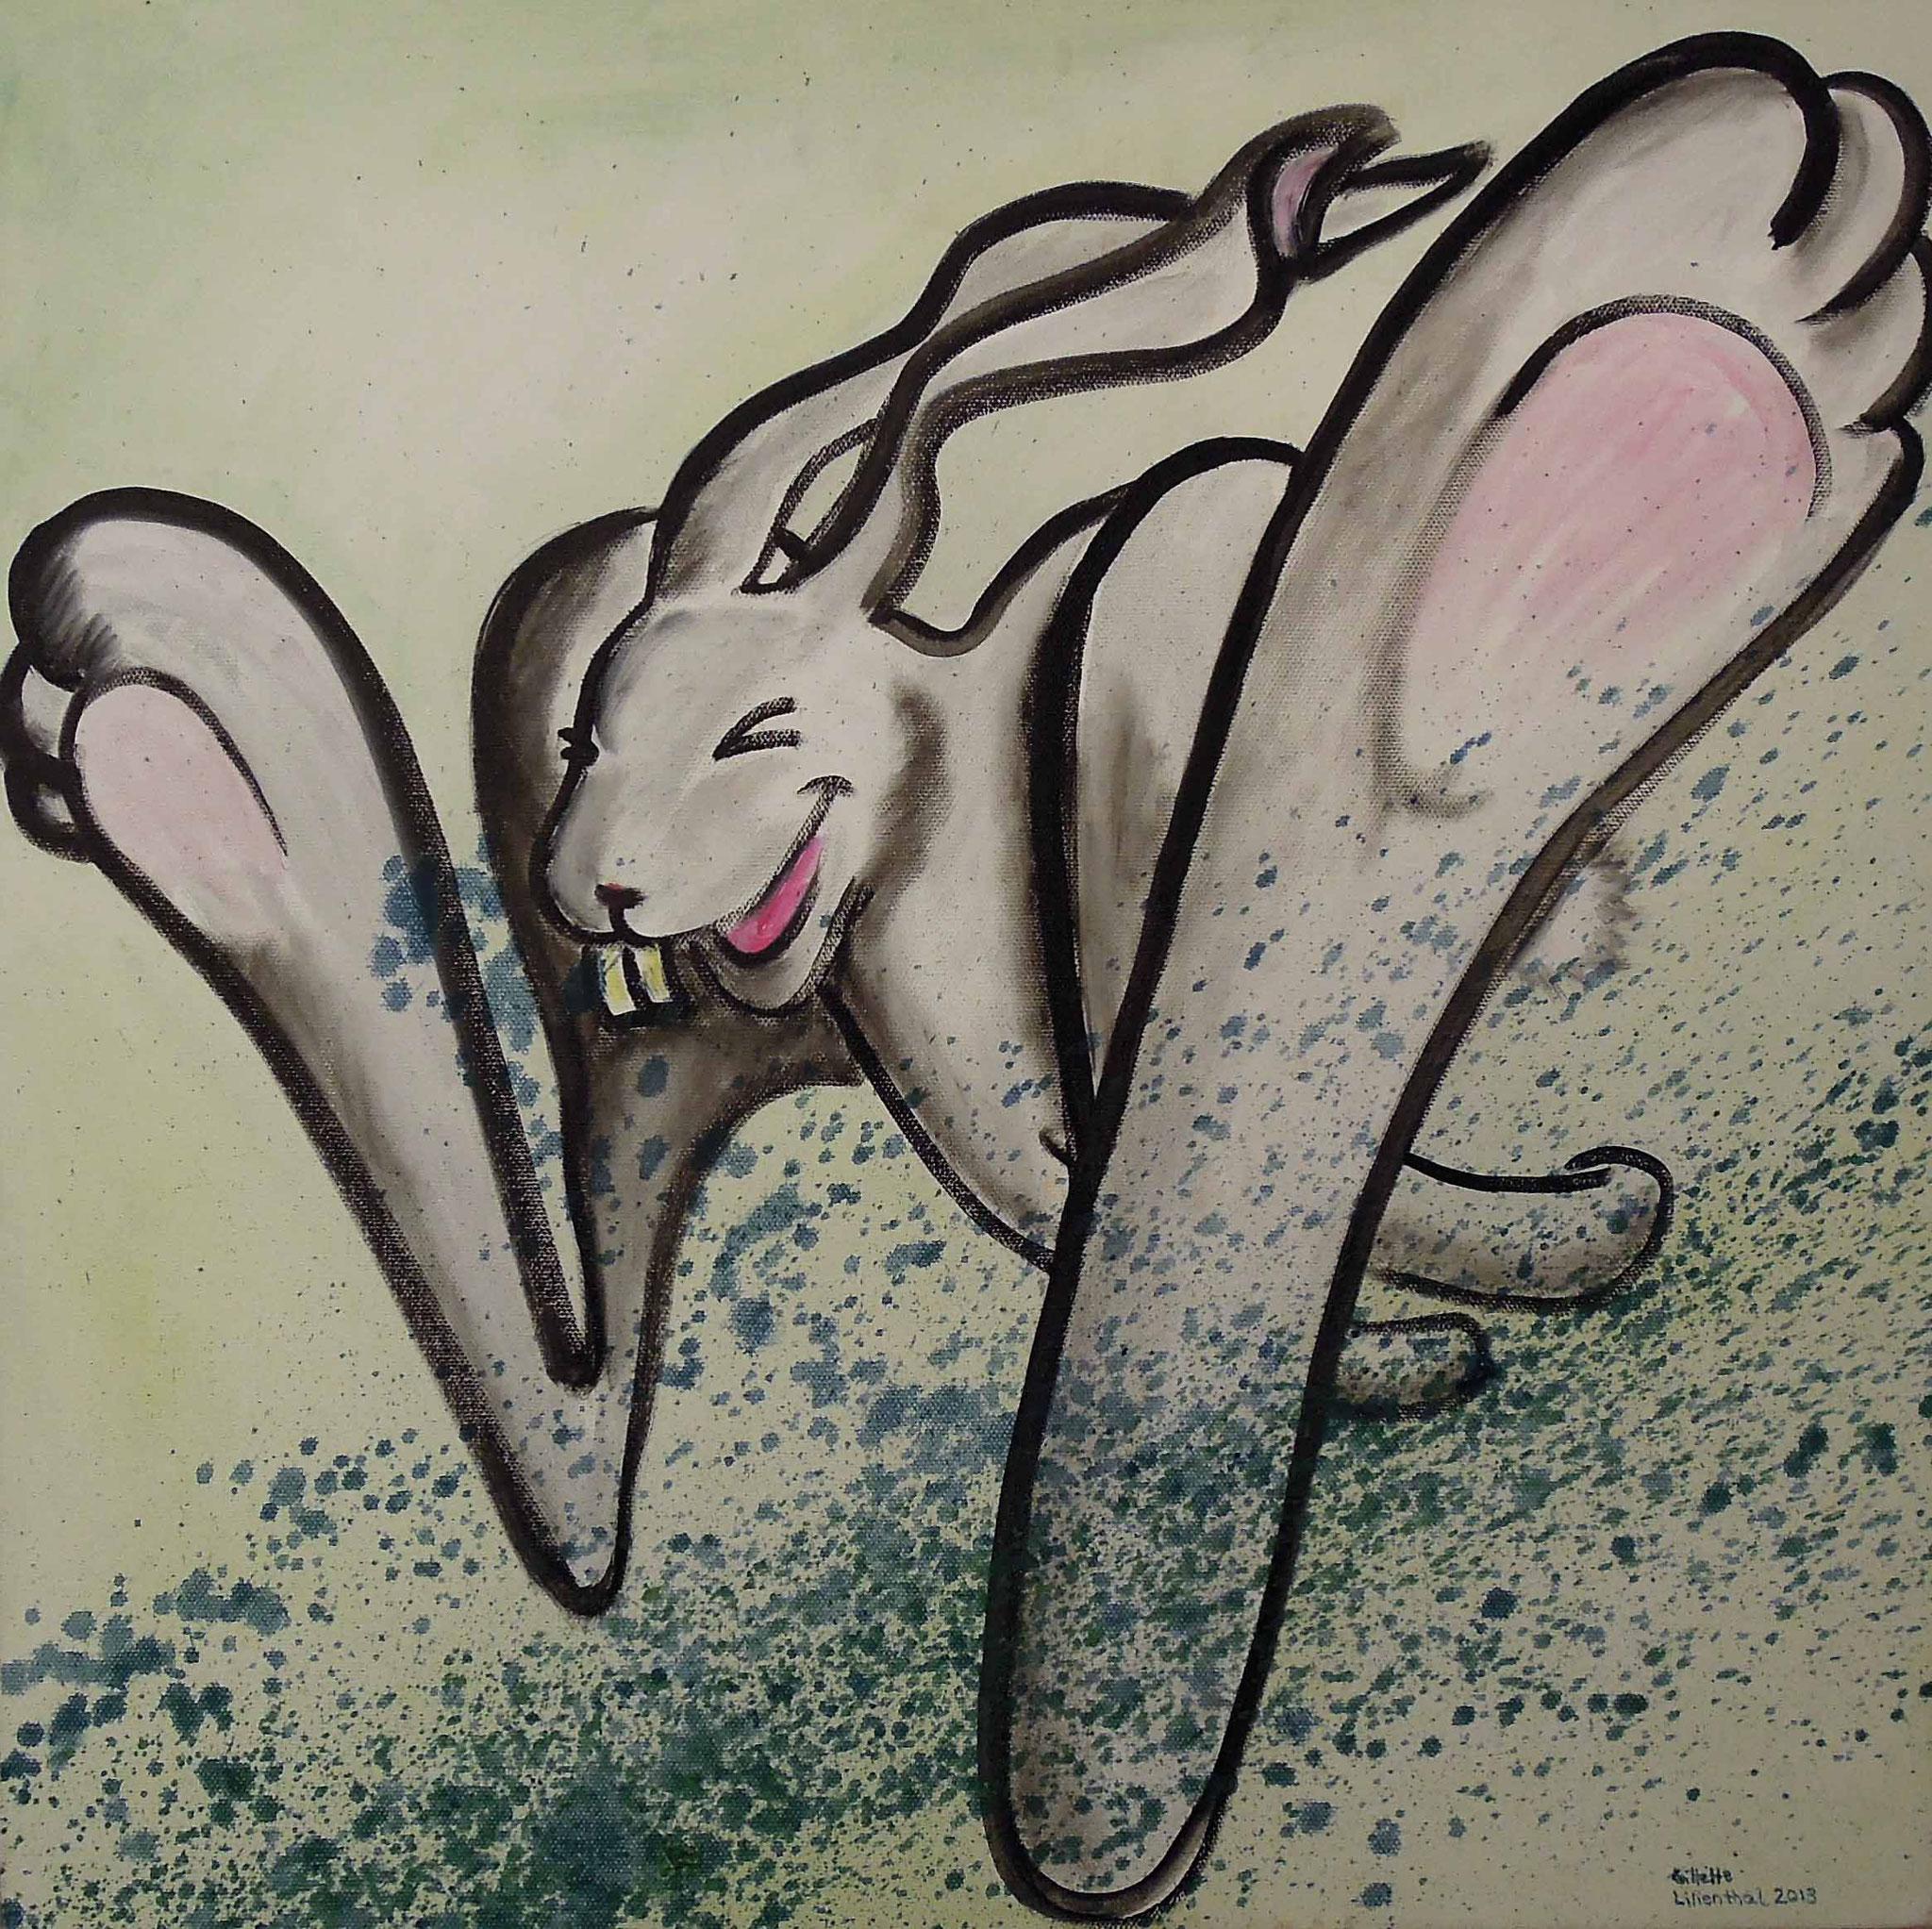 Folge dem weißen Kaninchen - wenn Du kannst - Öl auf Leinwand 50 x 50 cm